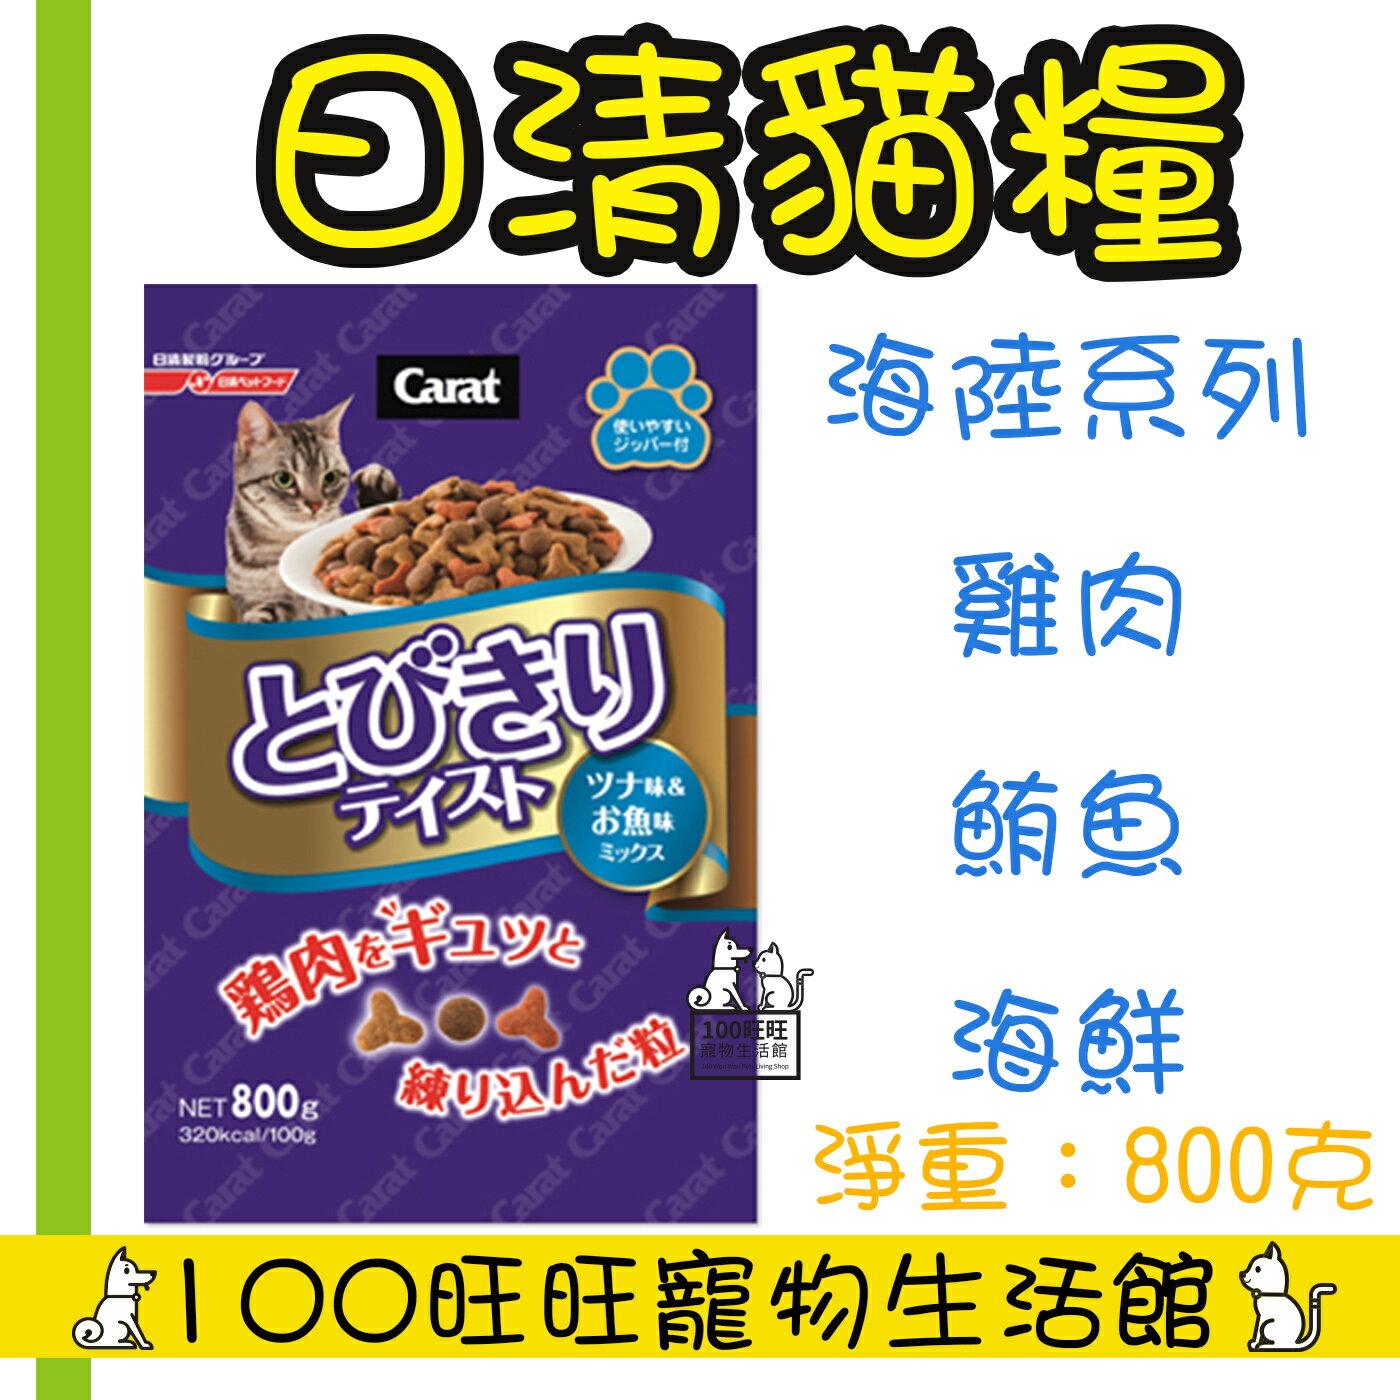 Carat 日清 海㓐系列 貓飼料 雞肉+鮪魚+海鮮 800g